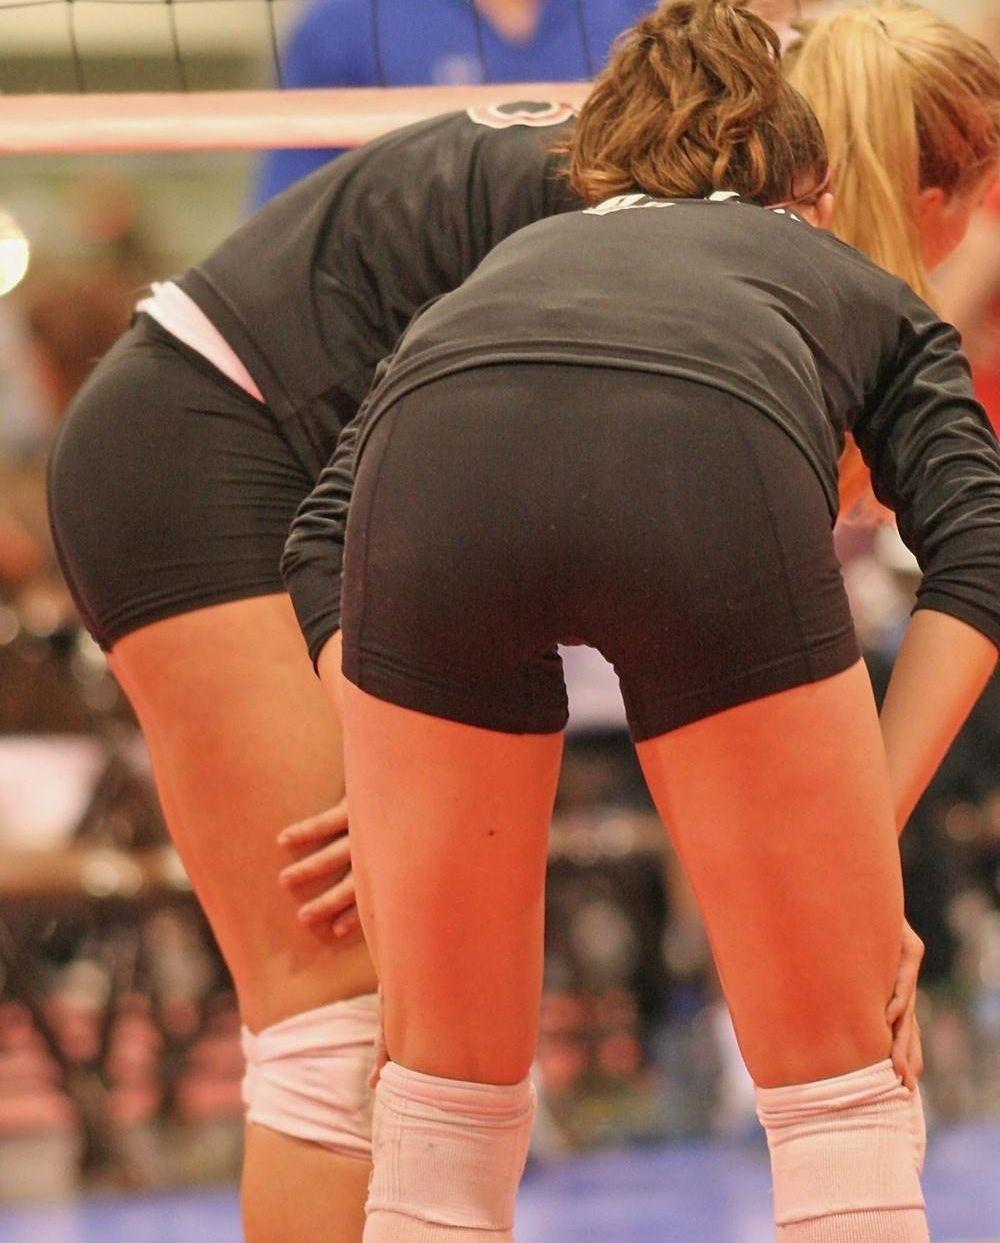 Эротические фото волейболисток 29 фотография